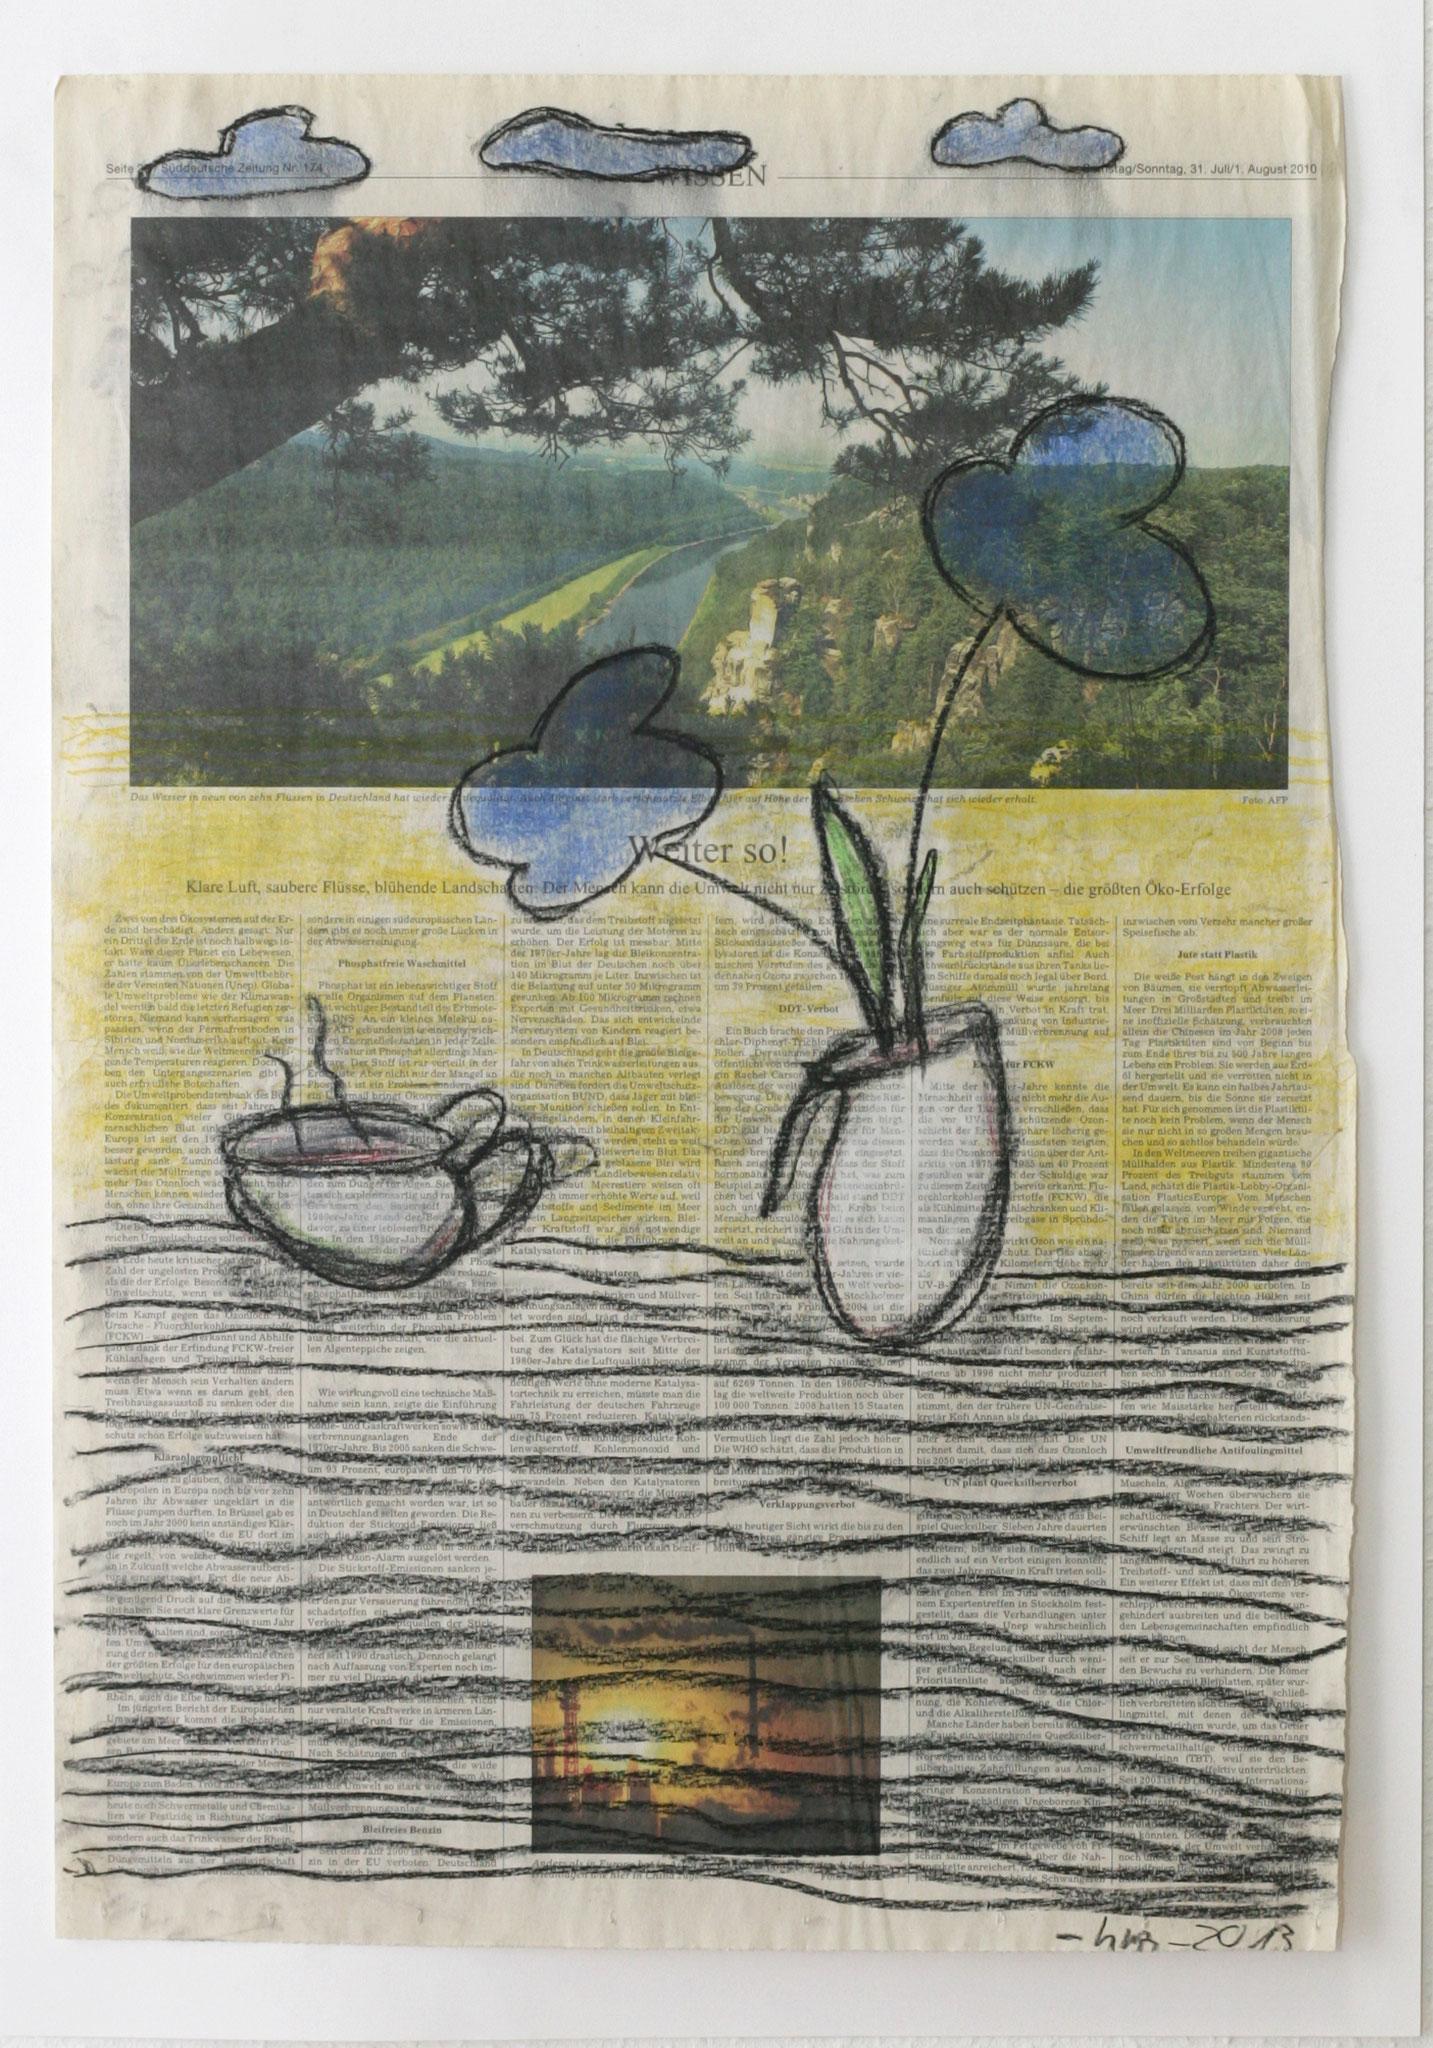 schön - 2013 - Kohle, Pastellkreide auf Zeitung - 57 x 40 cm